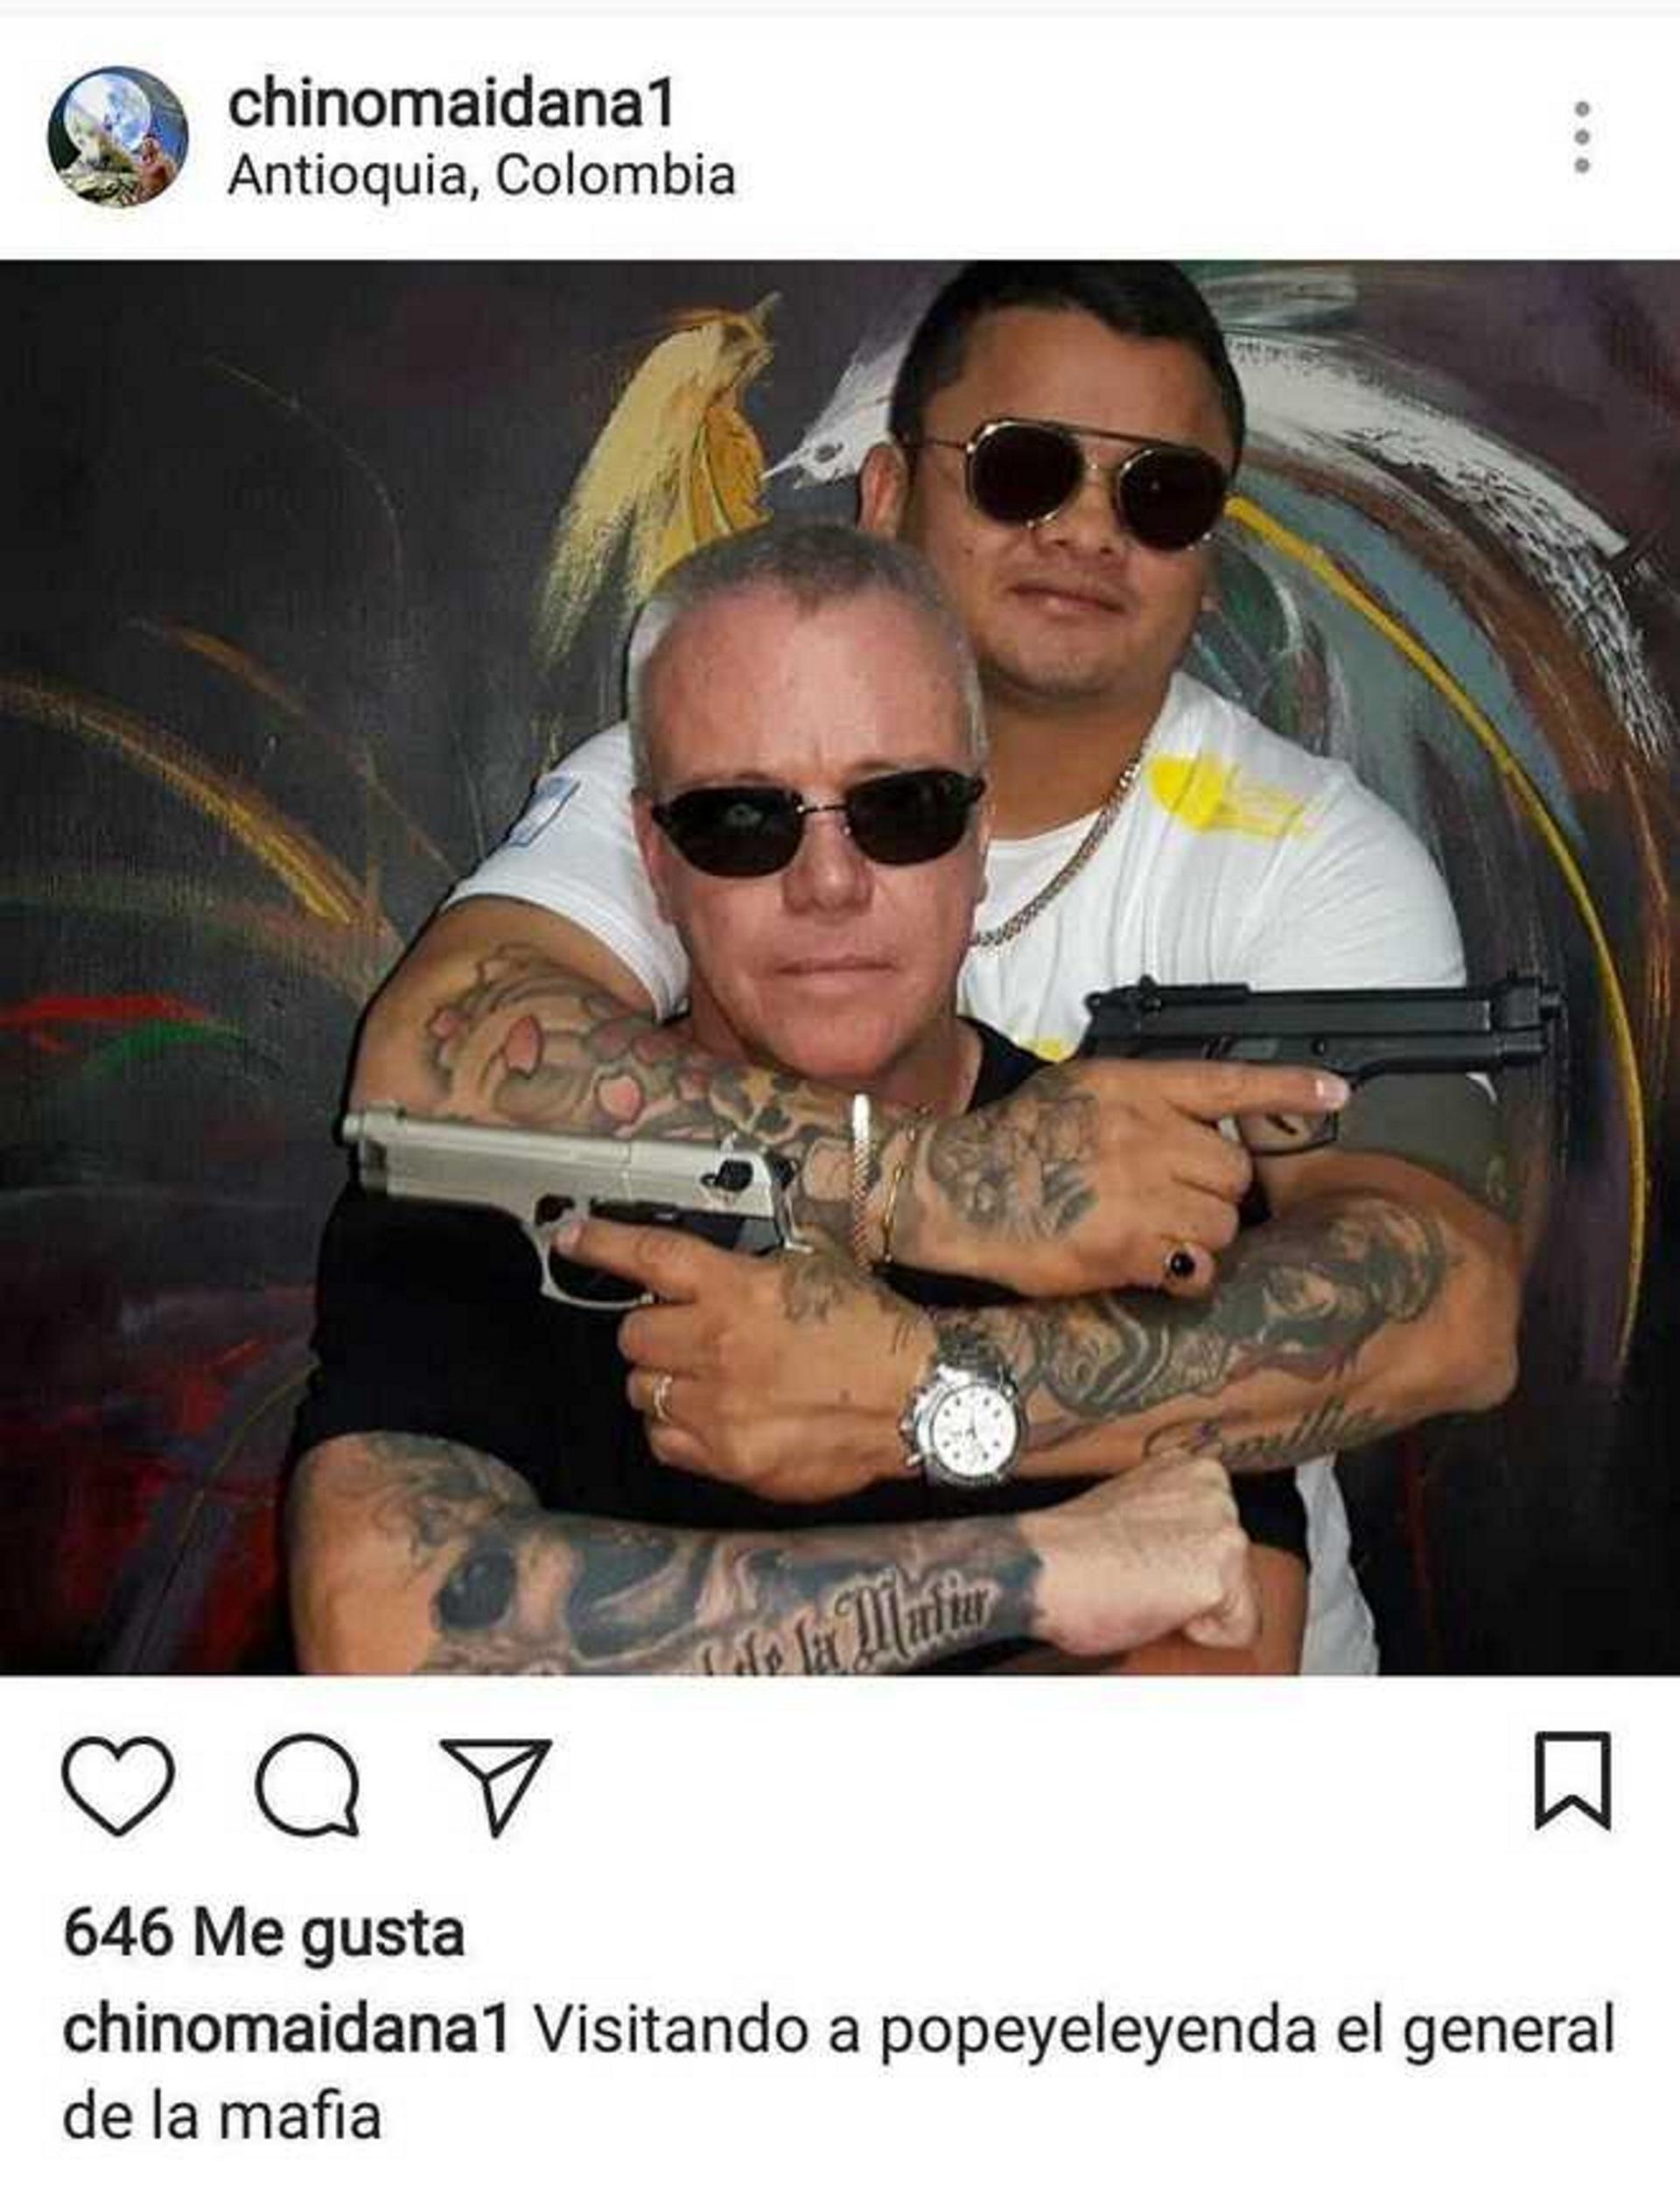 """""""El general de la mafia"""", la publicación que borró el Chino Maidana"""